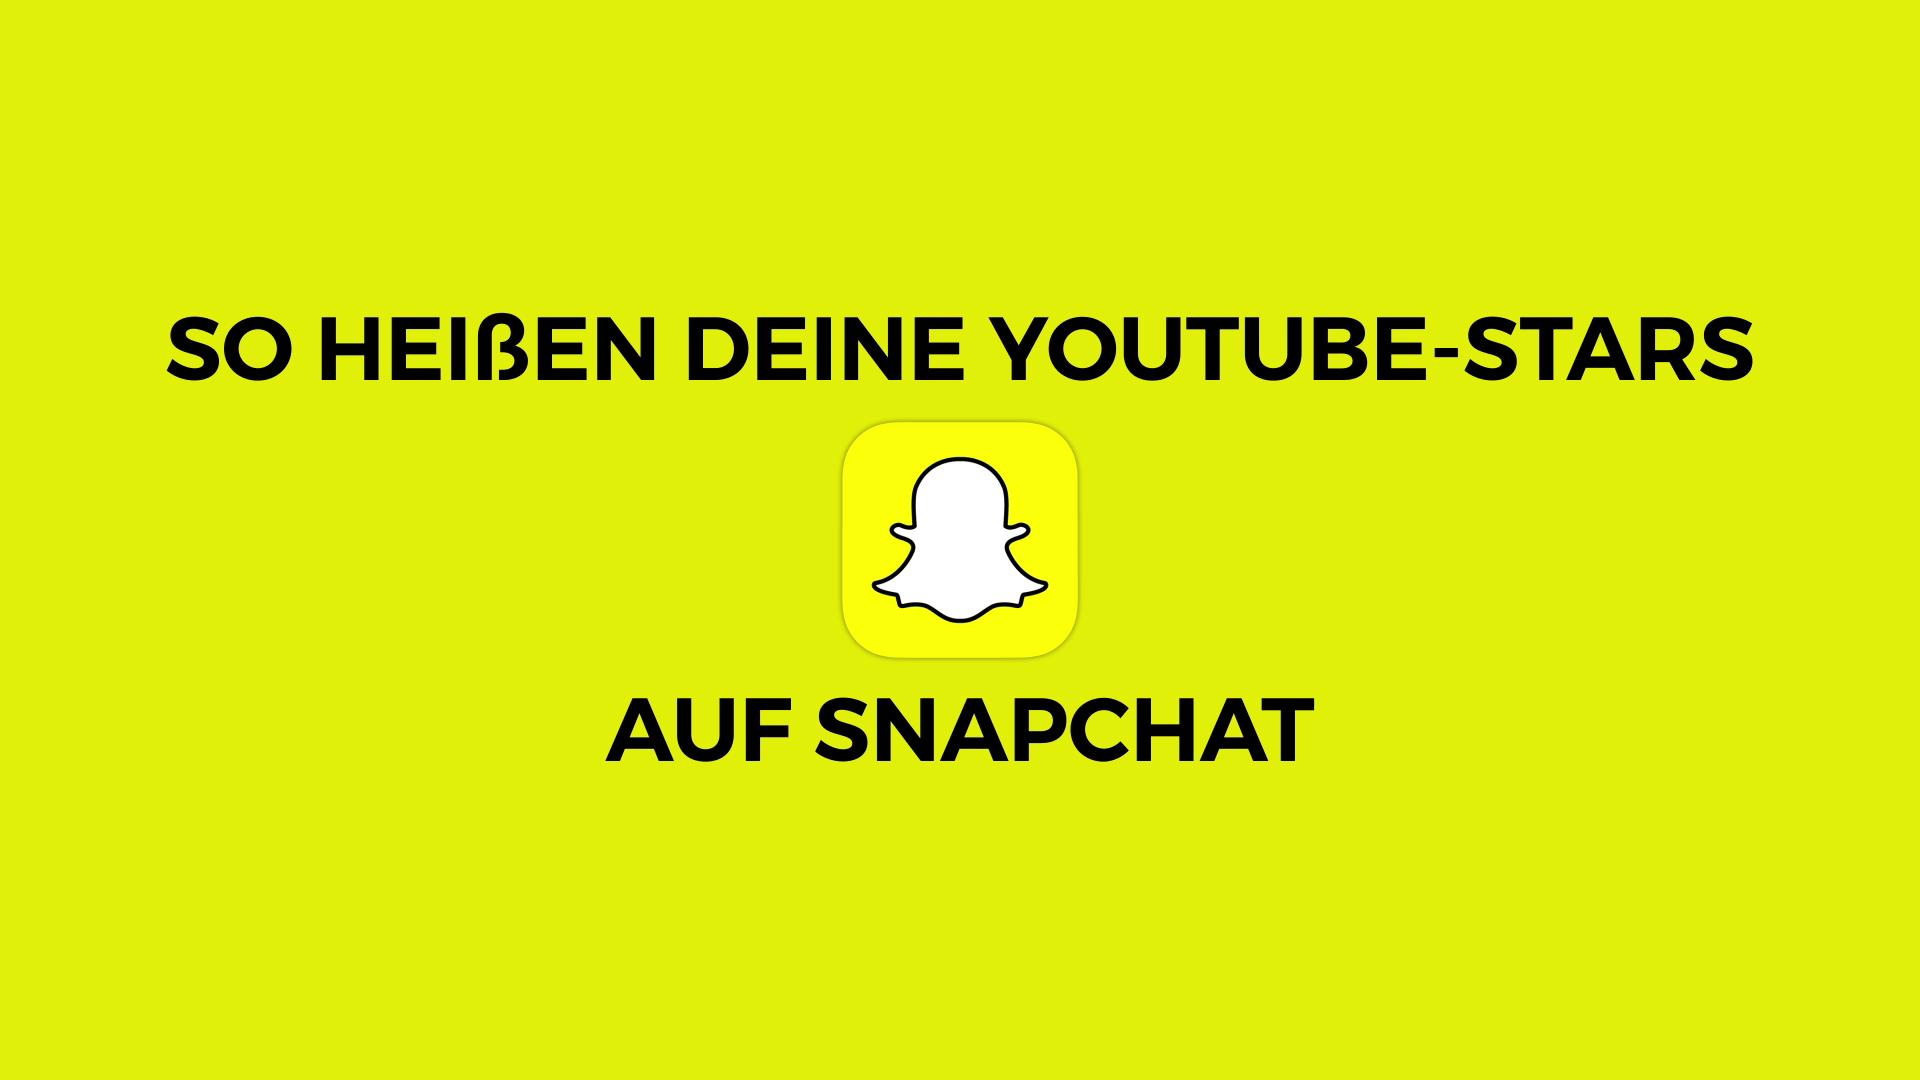 Youtuber Auf Snapchat